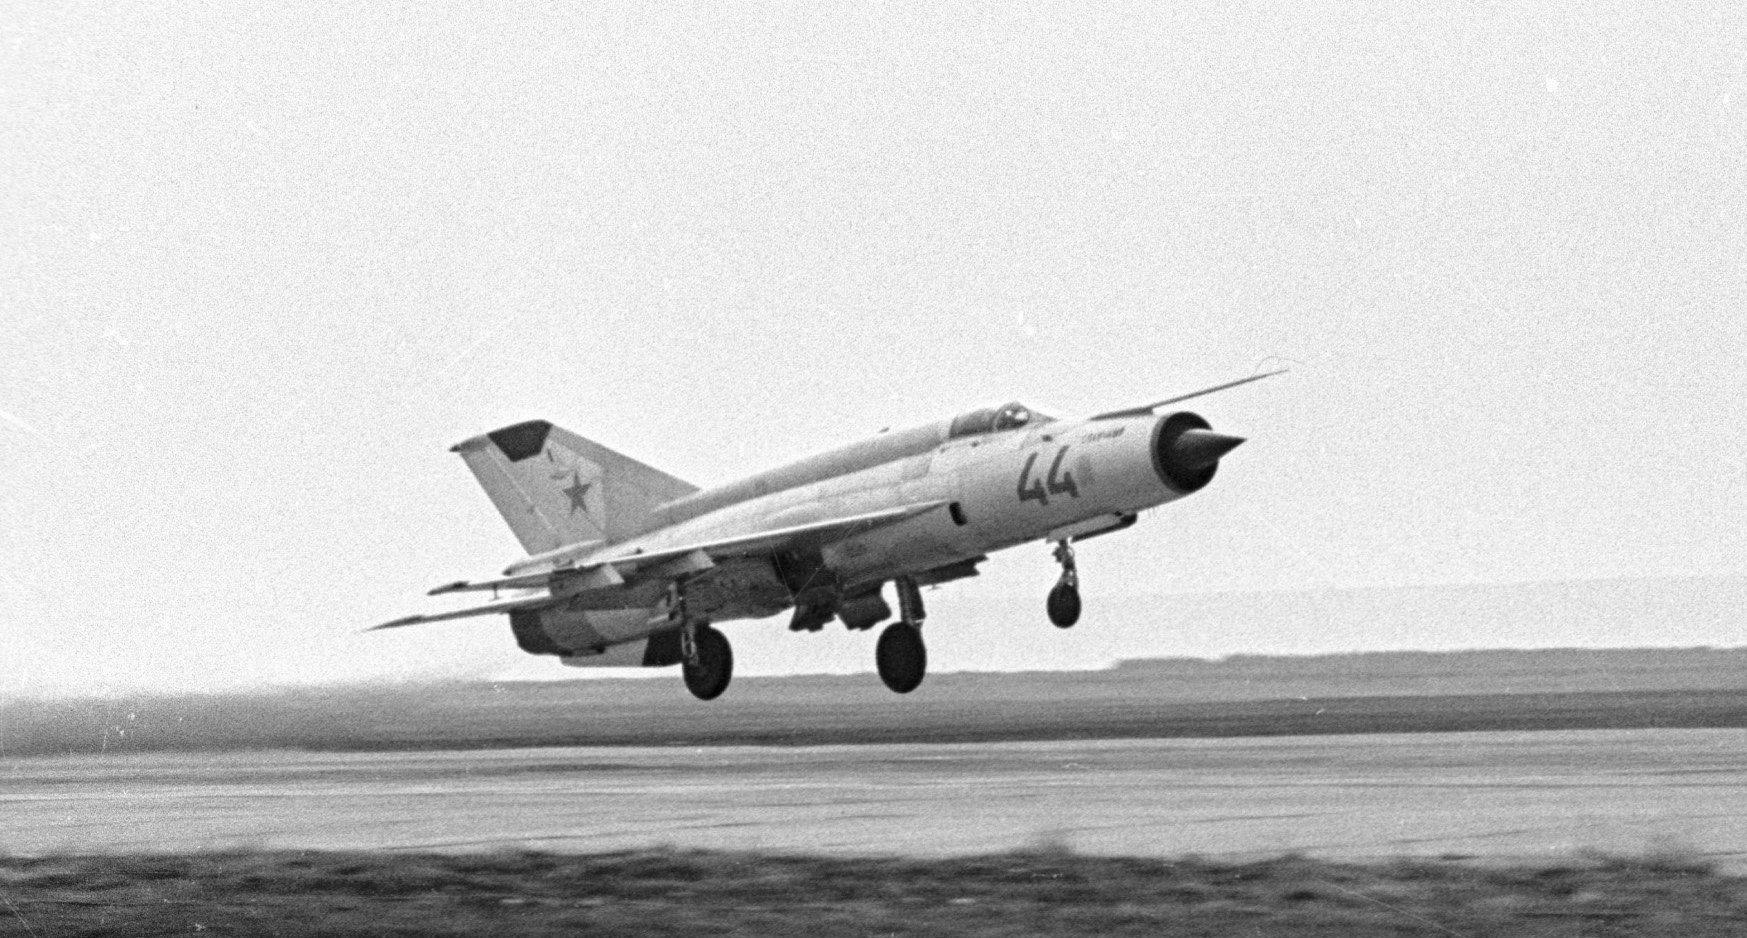 Un caza polivalente soviético MiG-21 (archivo)